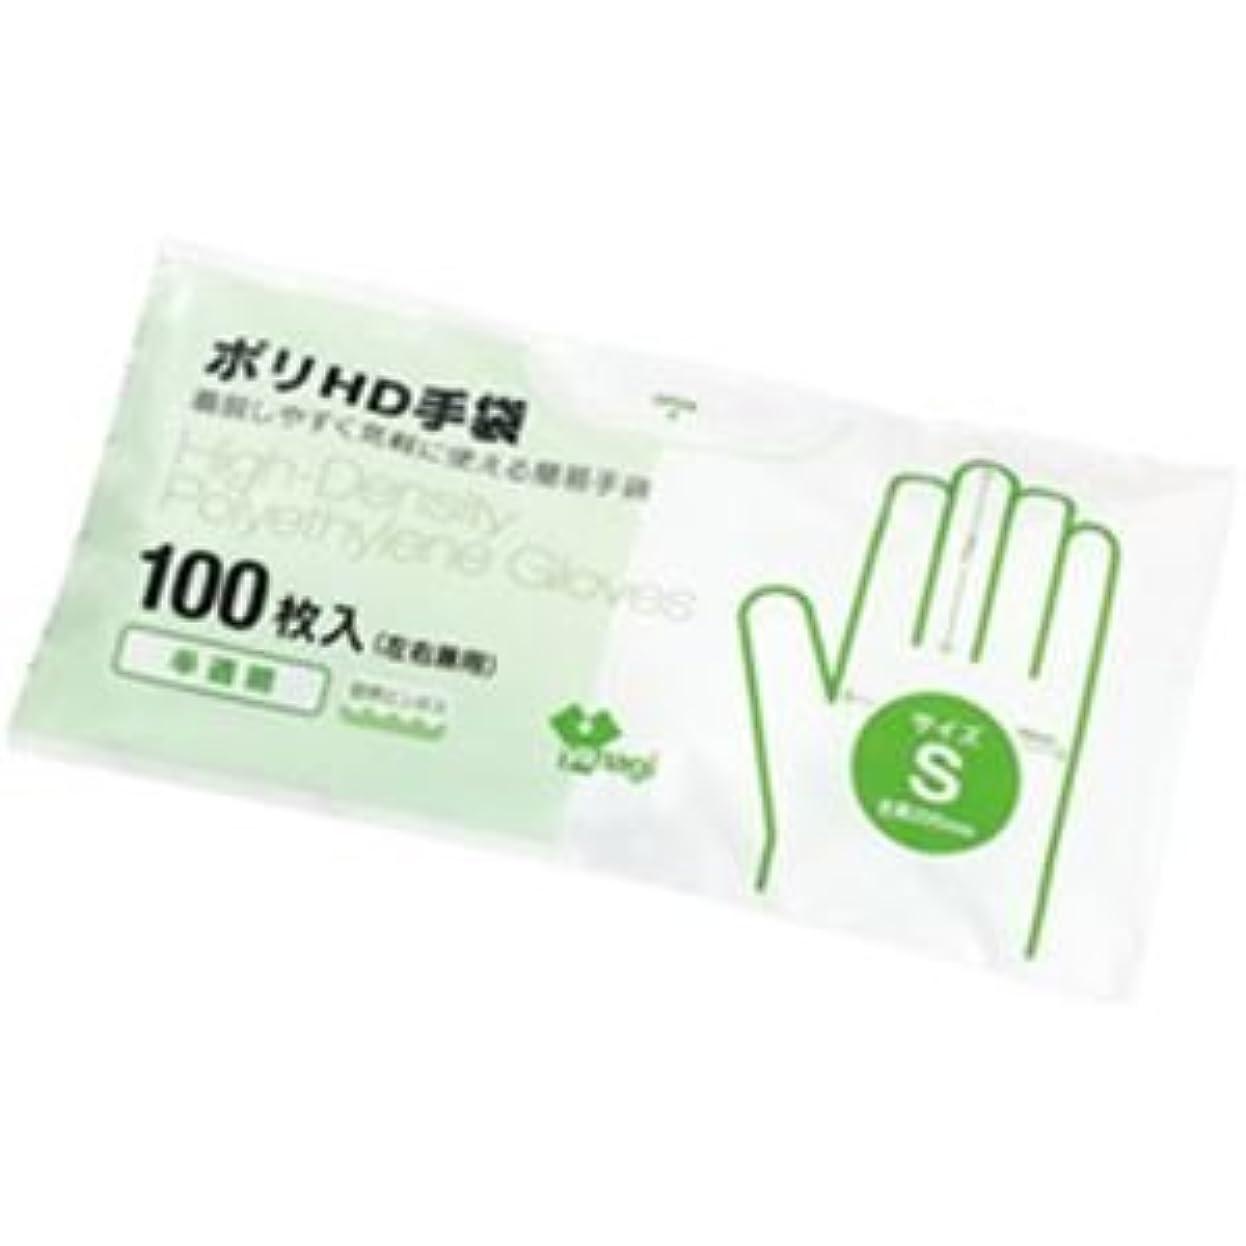 (業務用セット) やなぎプロダクツ 高密度ポリエチレン手袋 S 半透明 1箱(100枚) 【×30セット】 dS-1638275